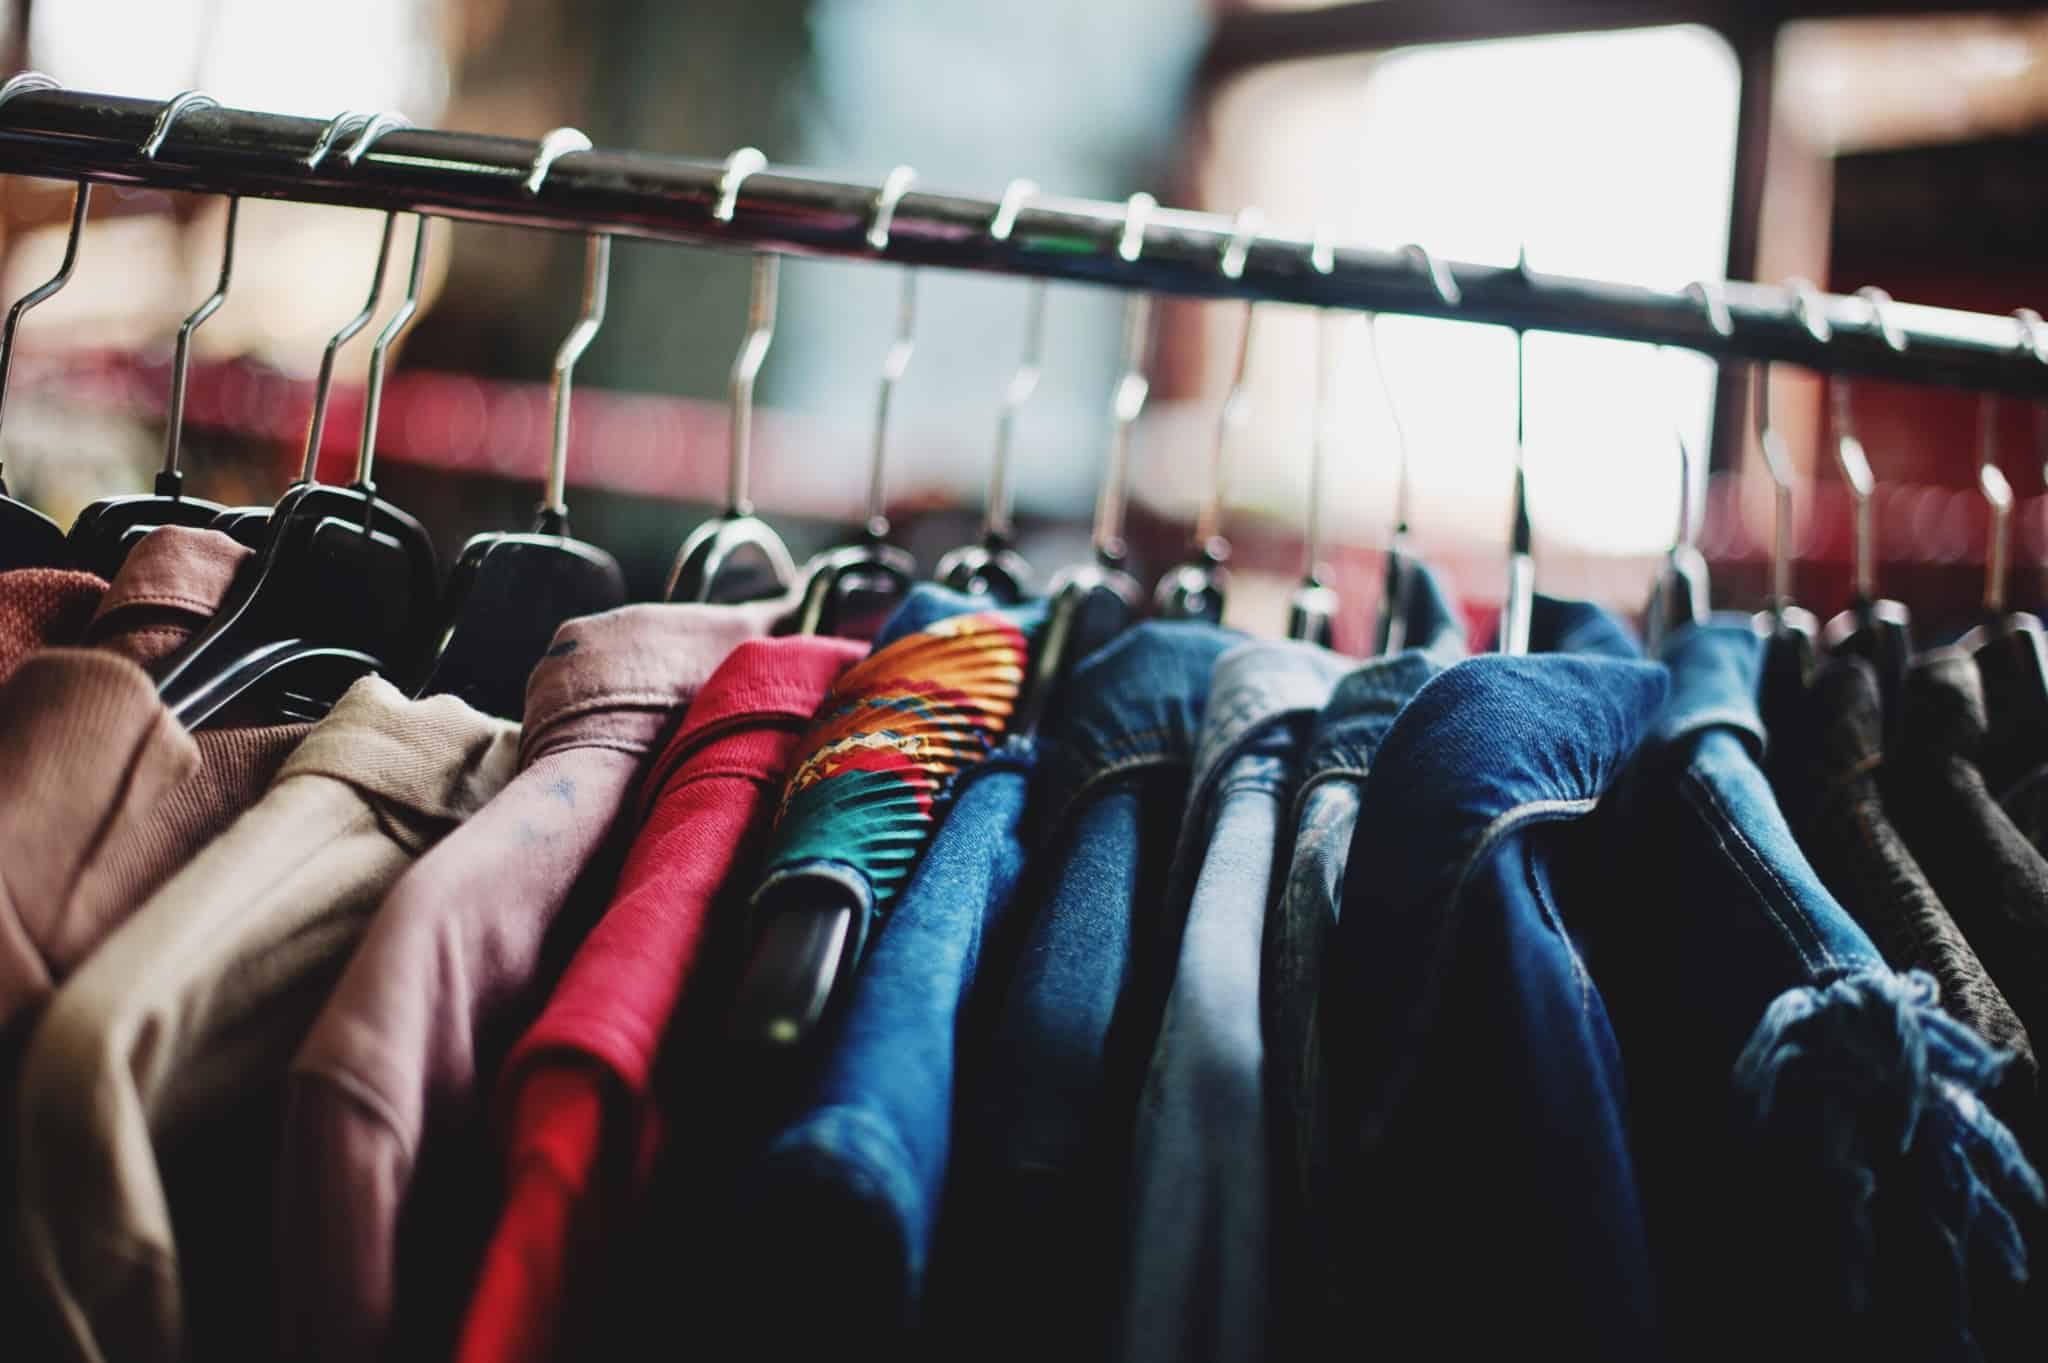 cabide com roupa pendurada